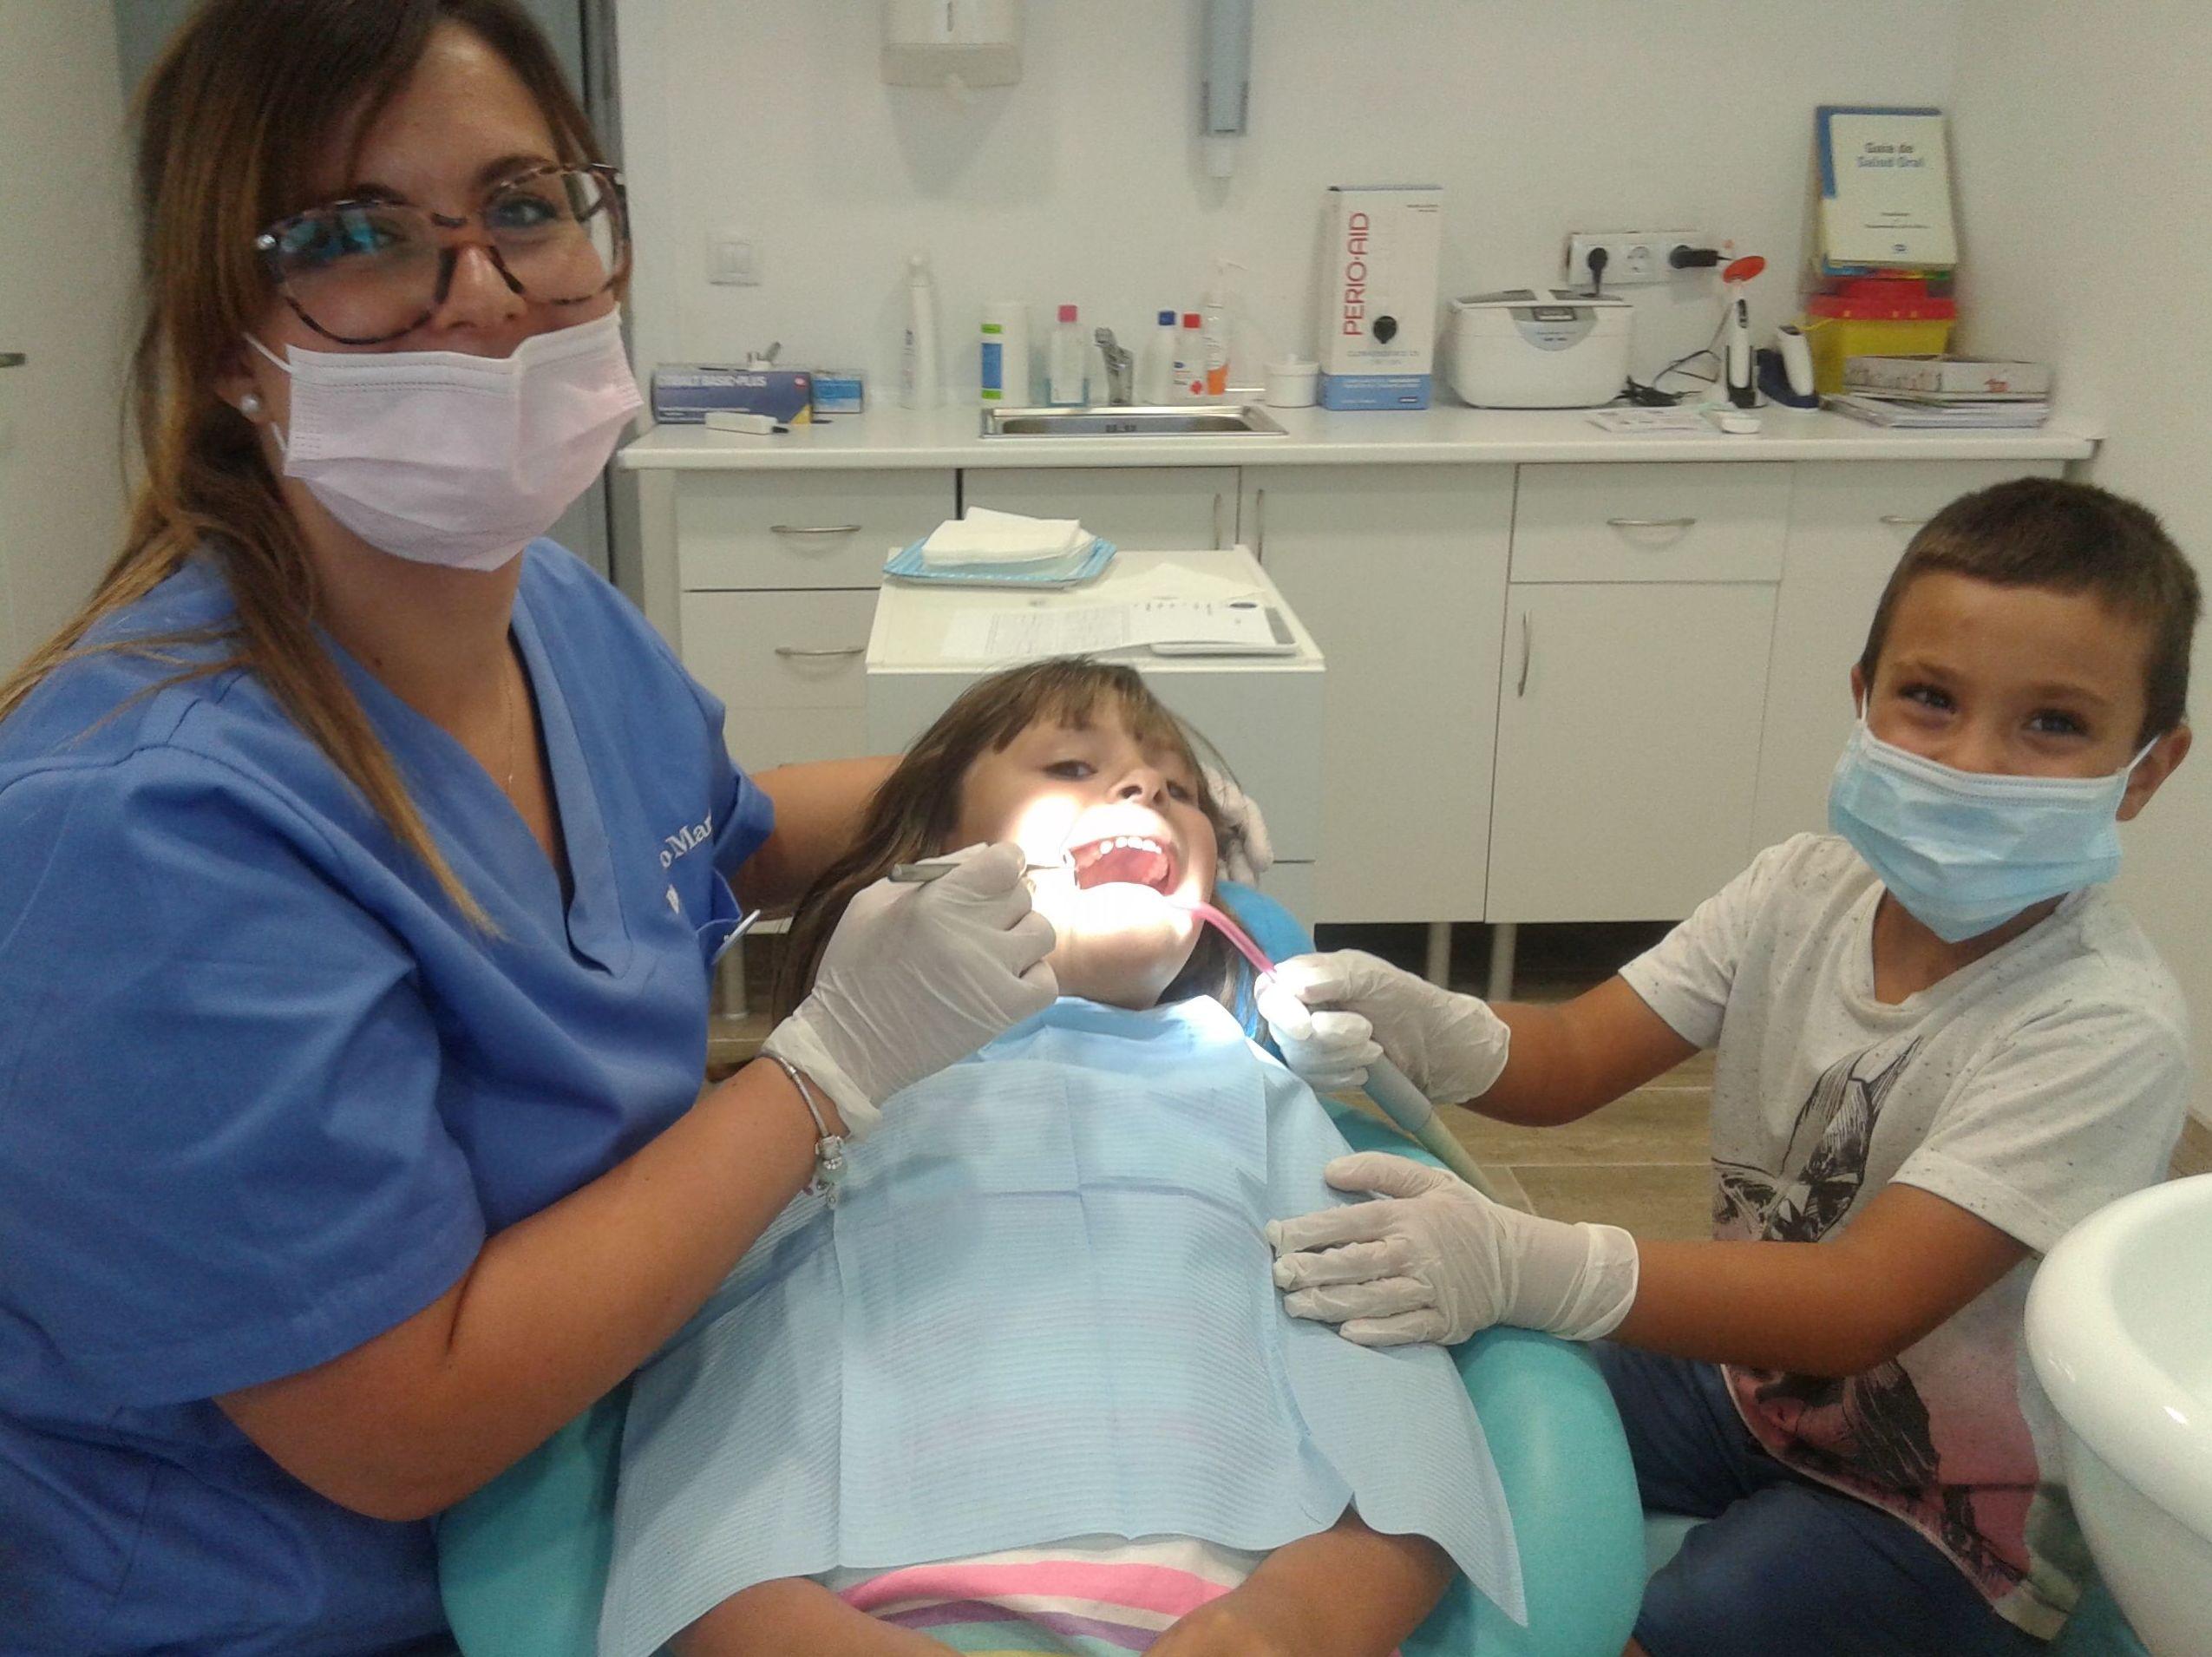 Foto 4 de Clínica dental y servicios de podología en Rivas-Vaciamadrid | Clínica dental y podológica Luna Nueva